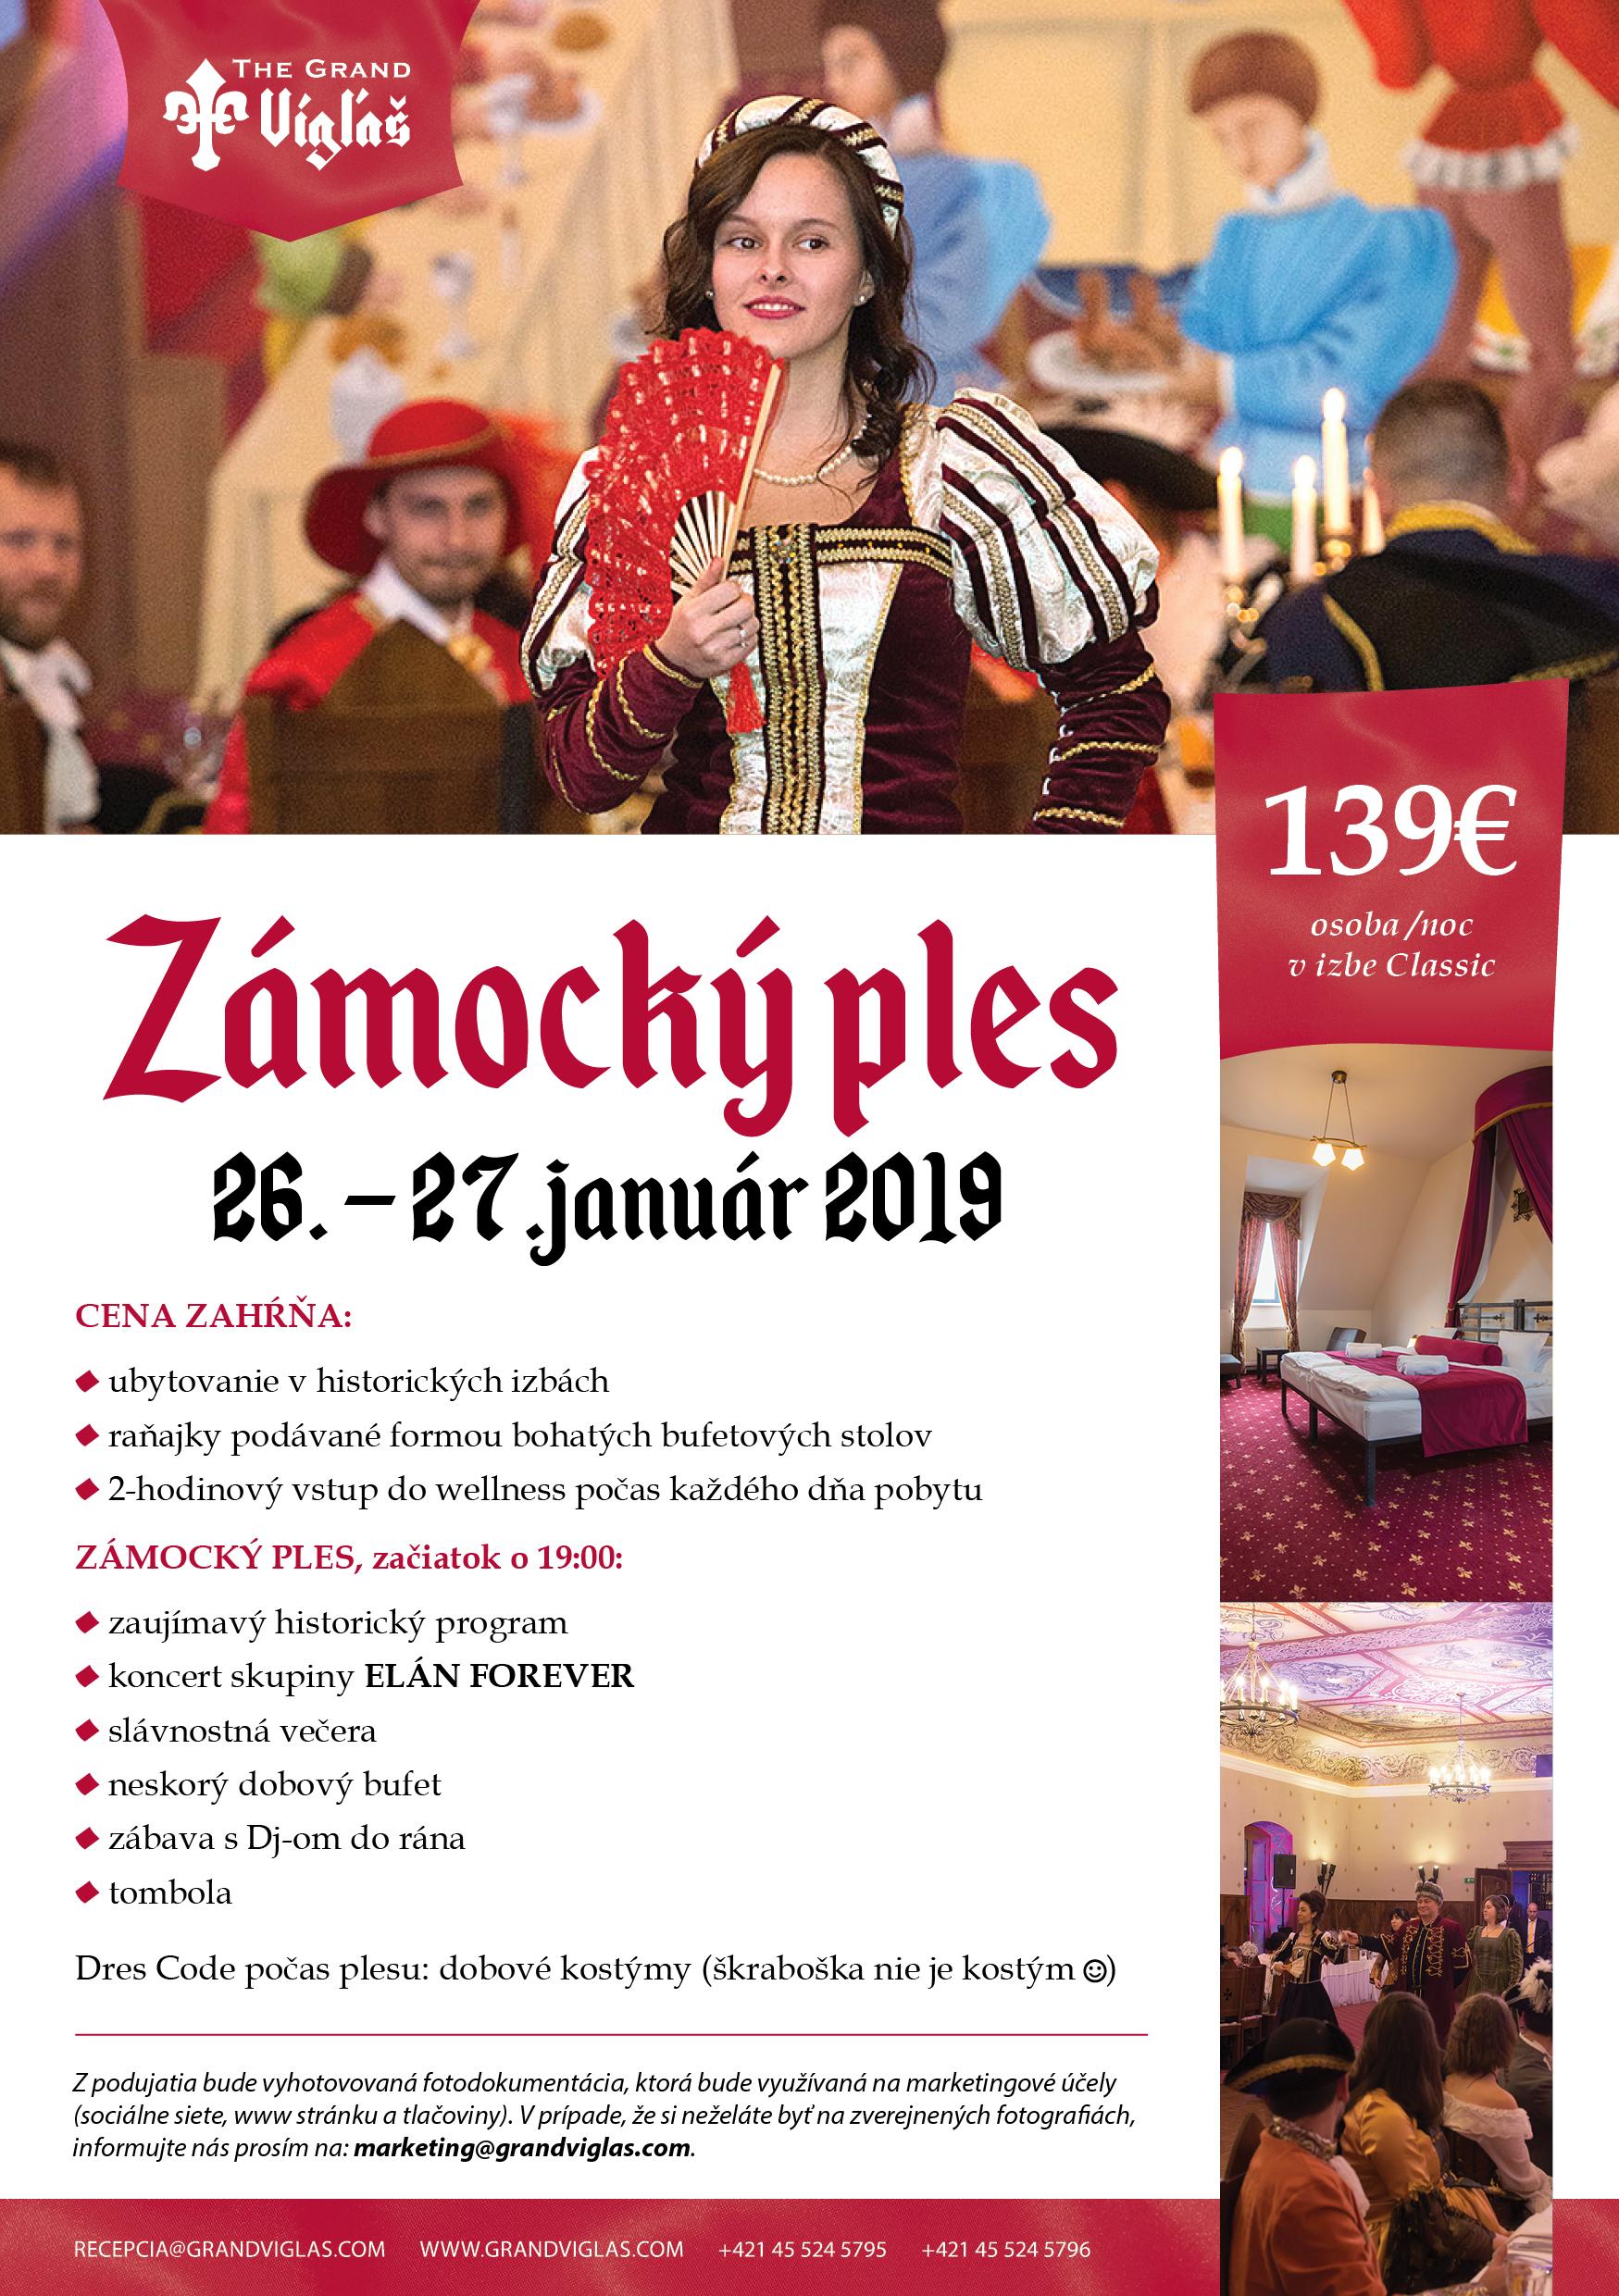 Zámocký ples 26.-27.01.2019